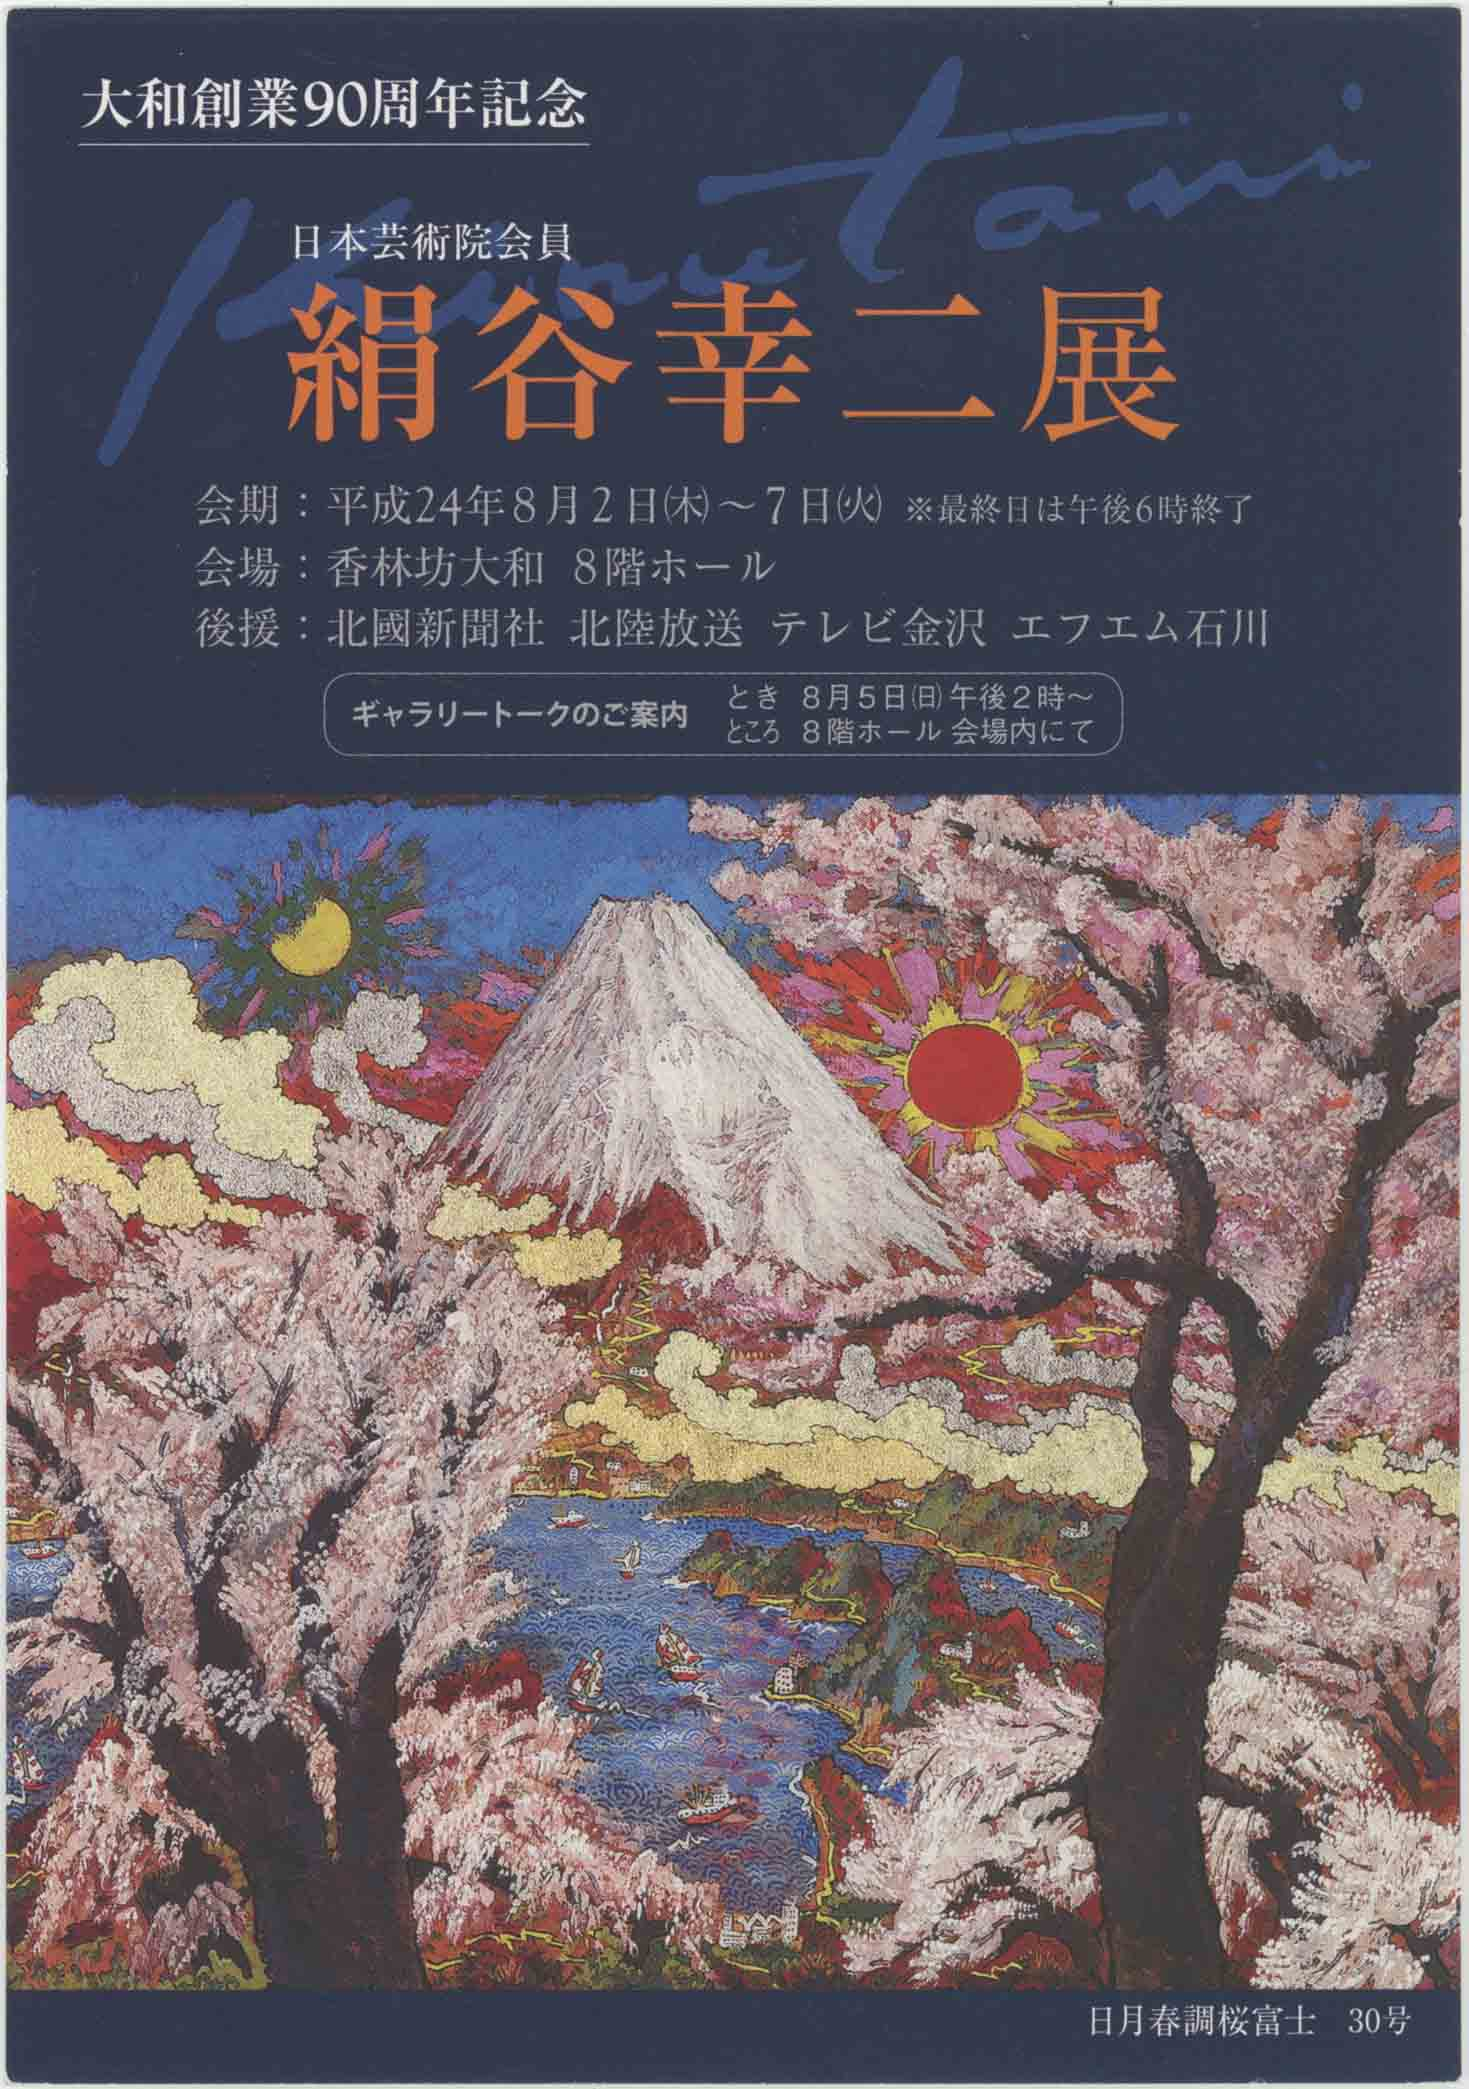 大和創業90周年記念 日本芸術院会員 絹谷幸二展